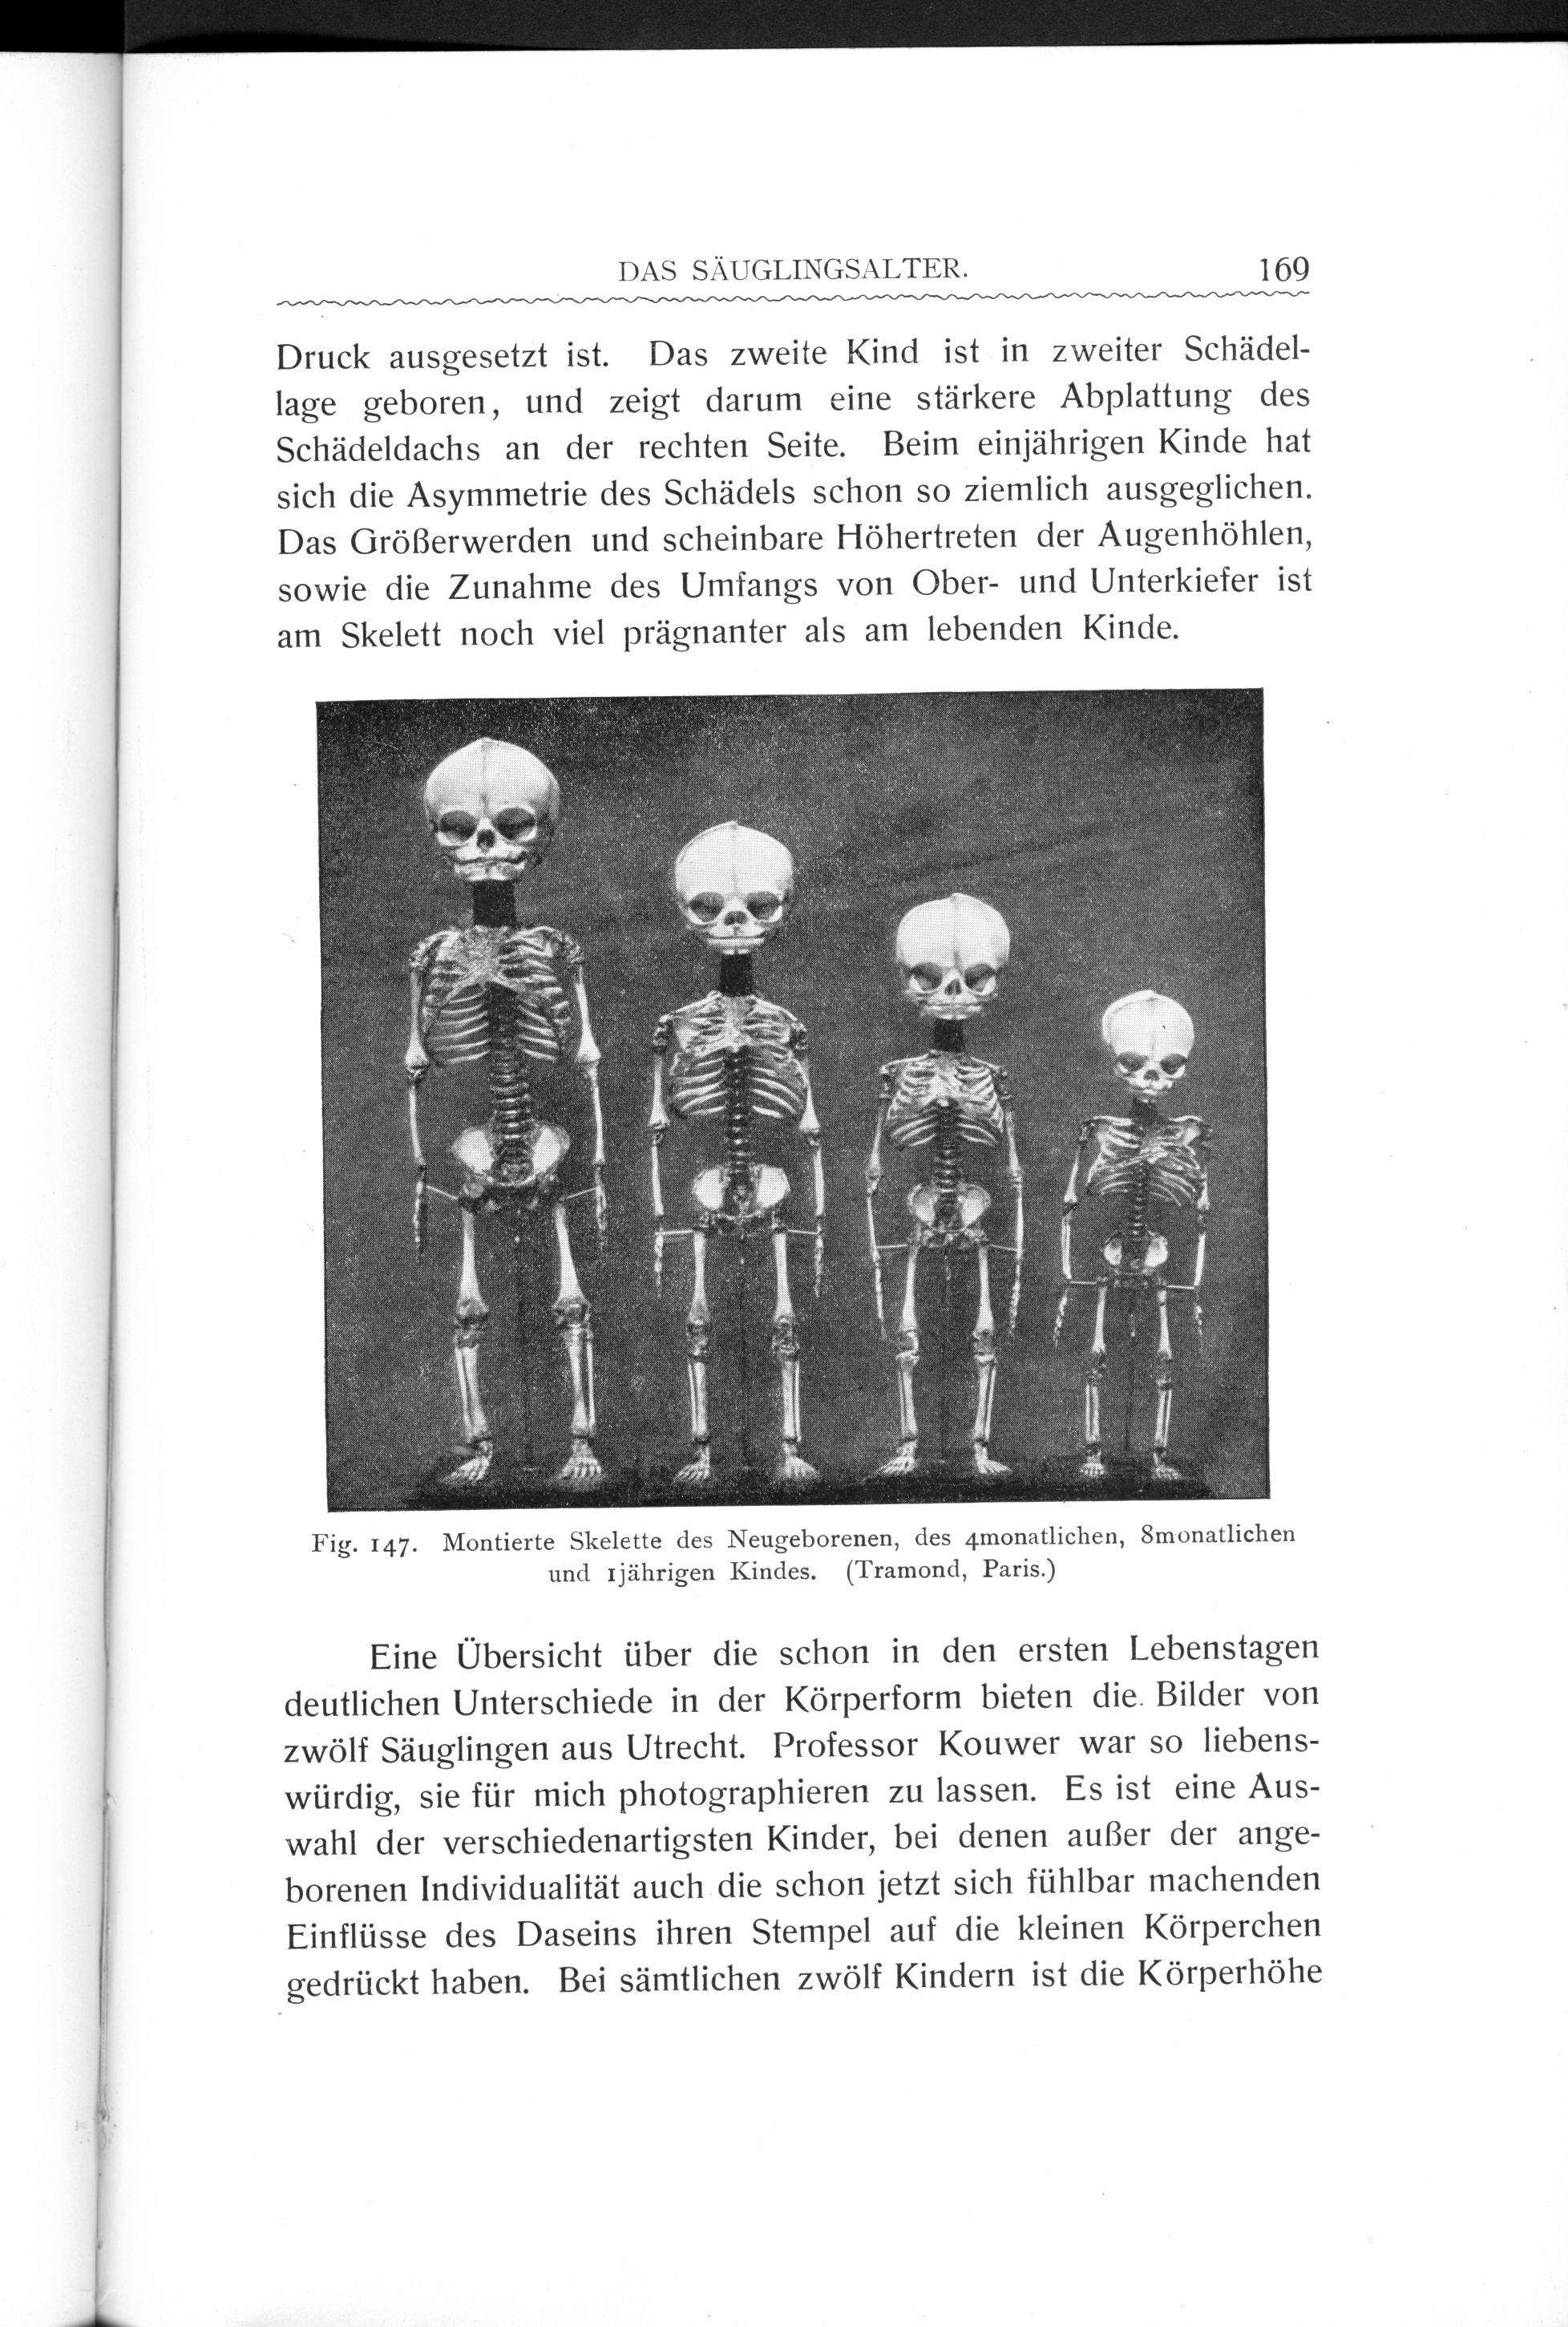 File:Stratz Körper des Kindes 3 169.jpg - Wikimedia Commons